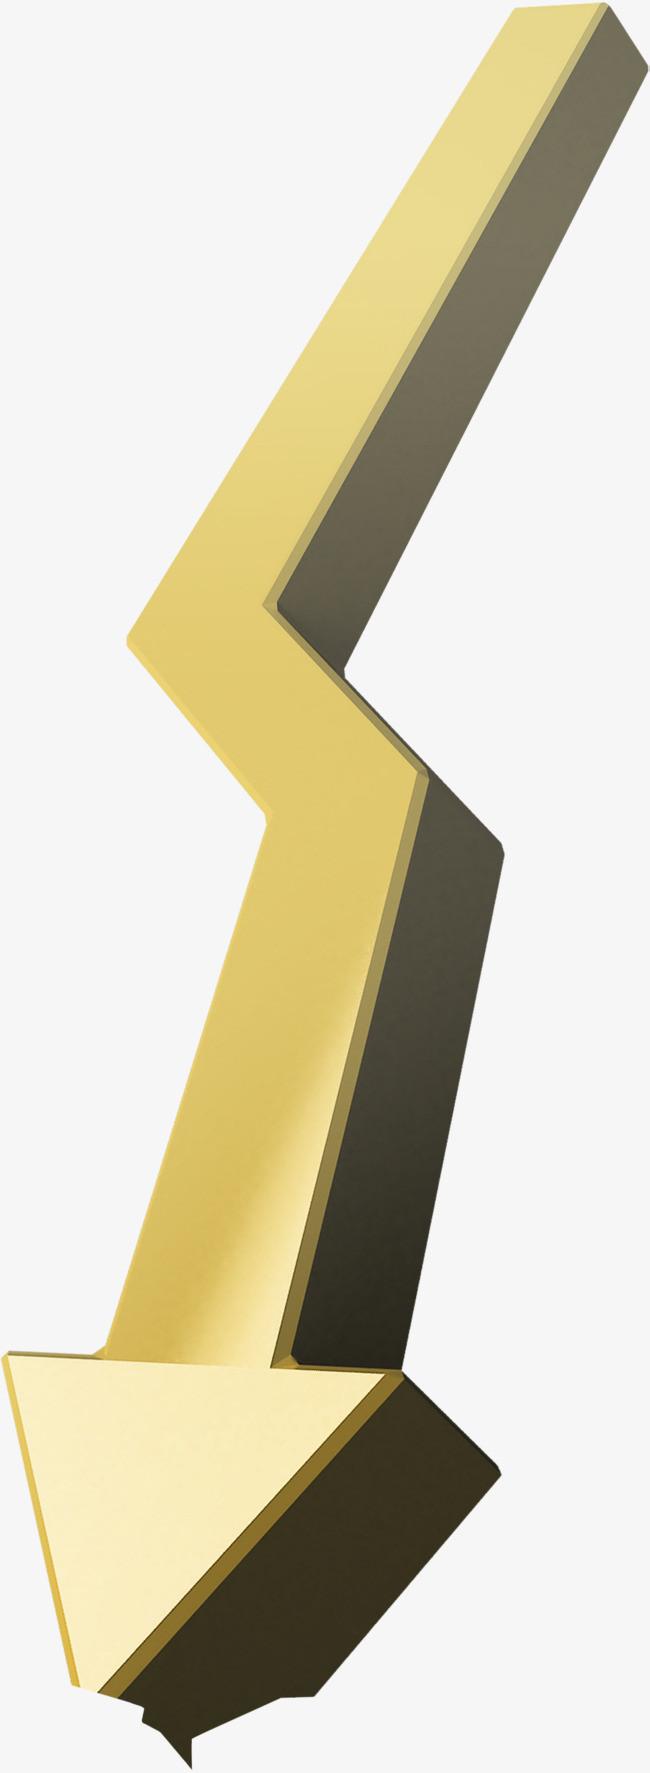 黄色方形立体箭头_png素材免费下载_ 964*2628像素(:)